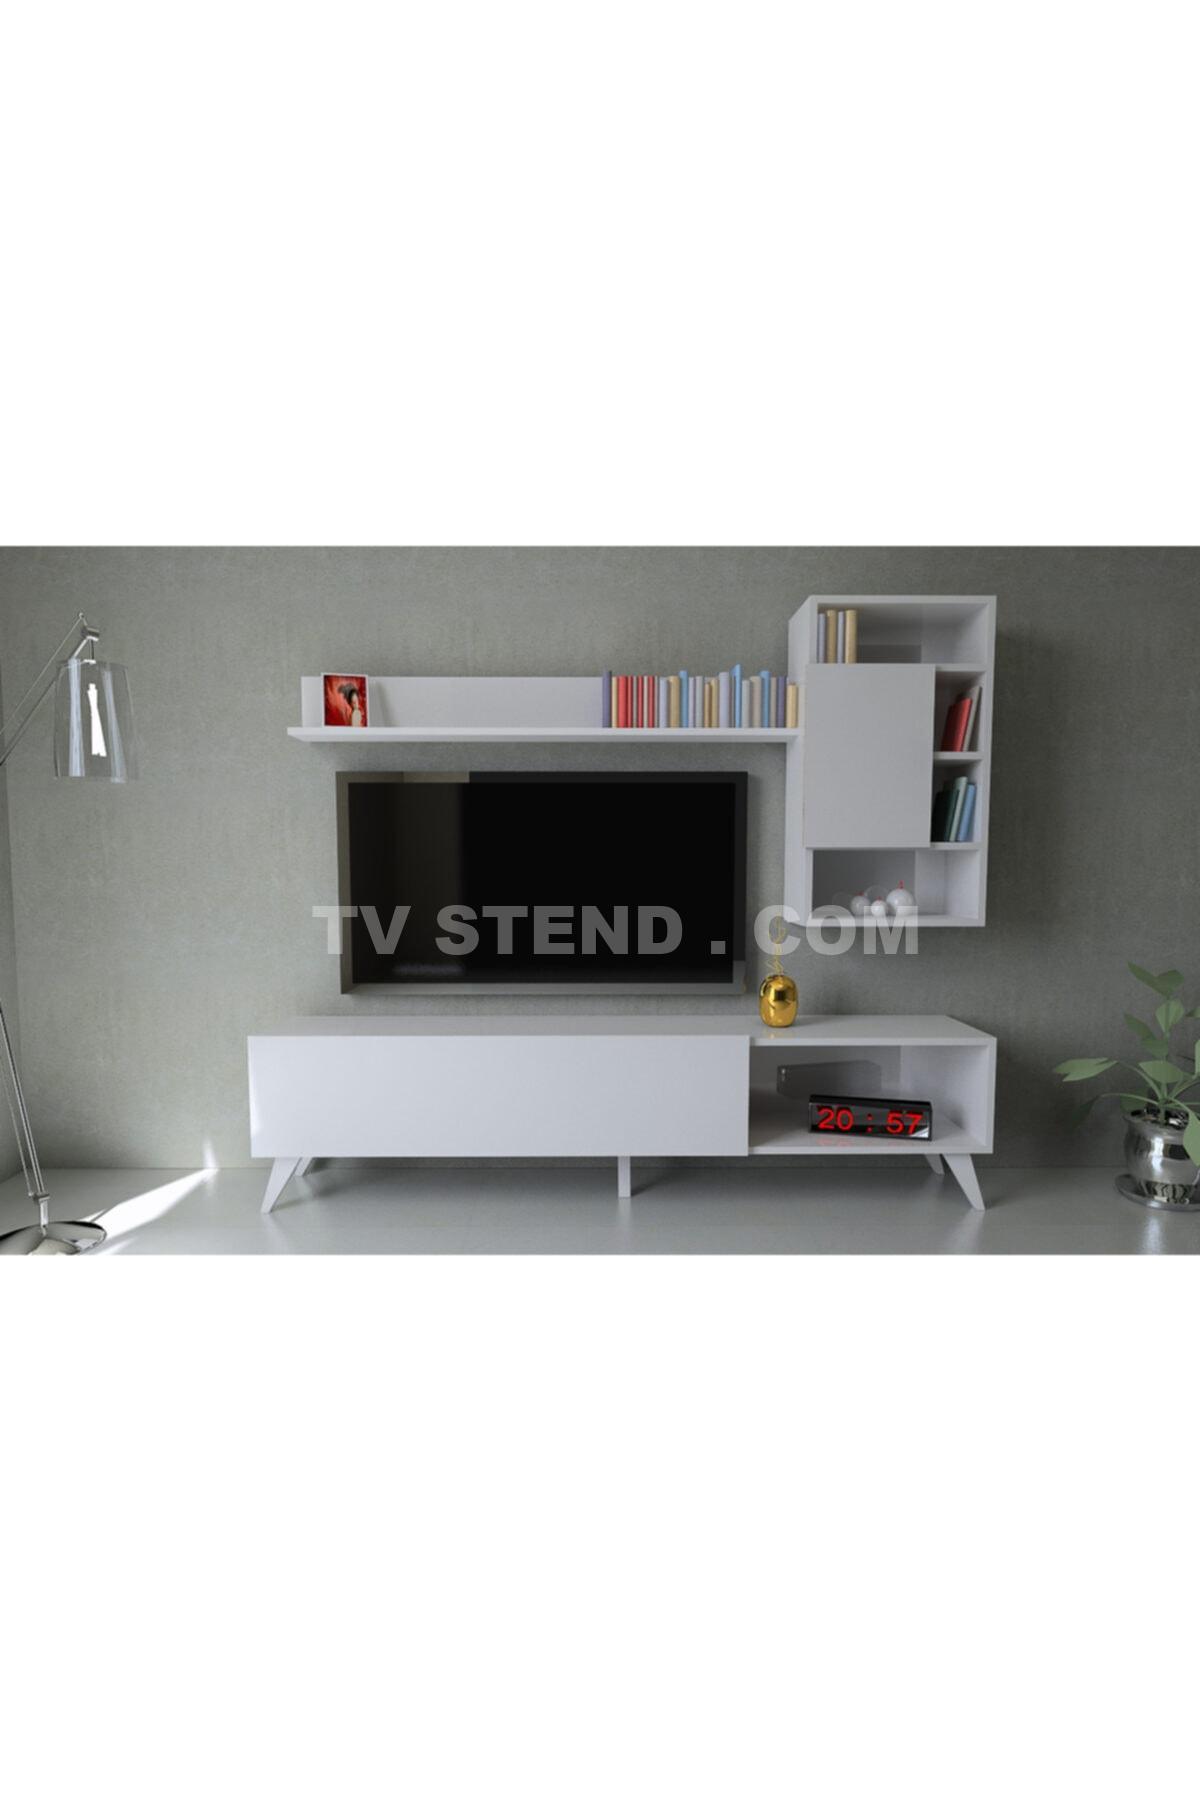 Nuovo tv stend modeli